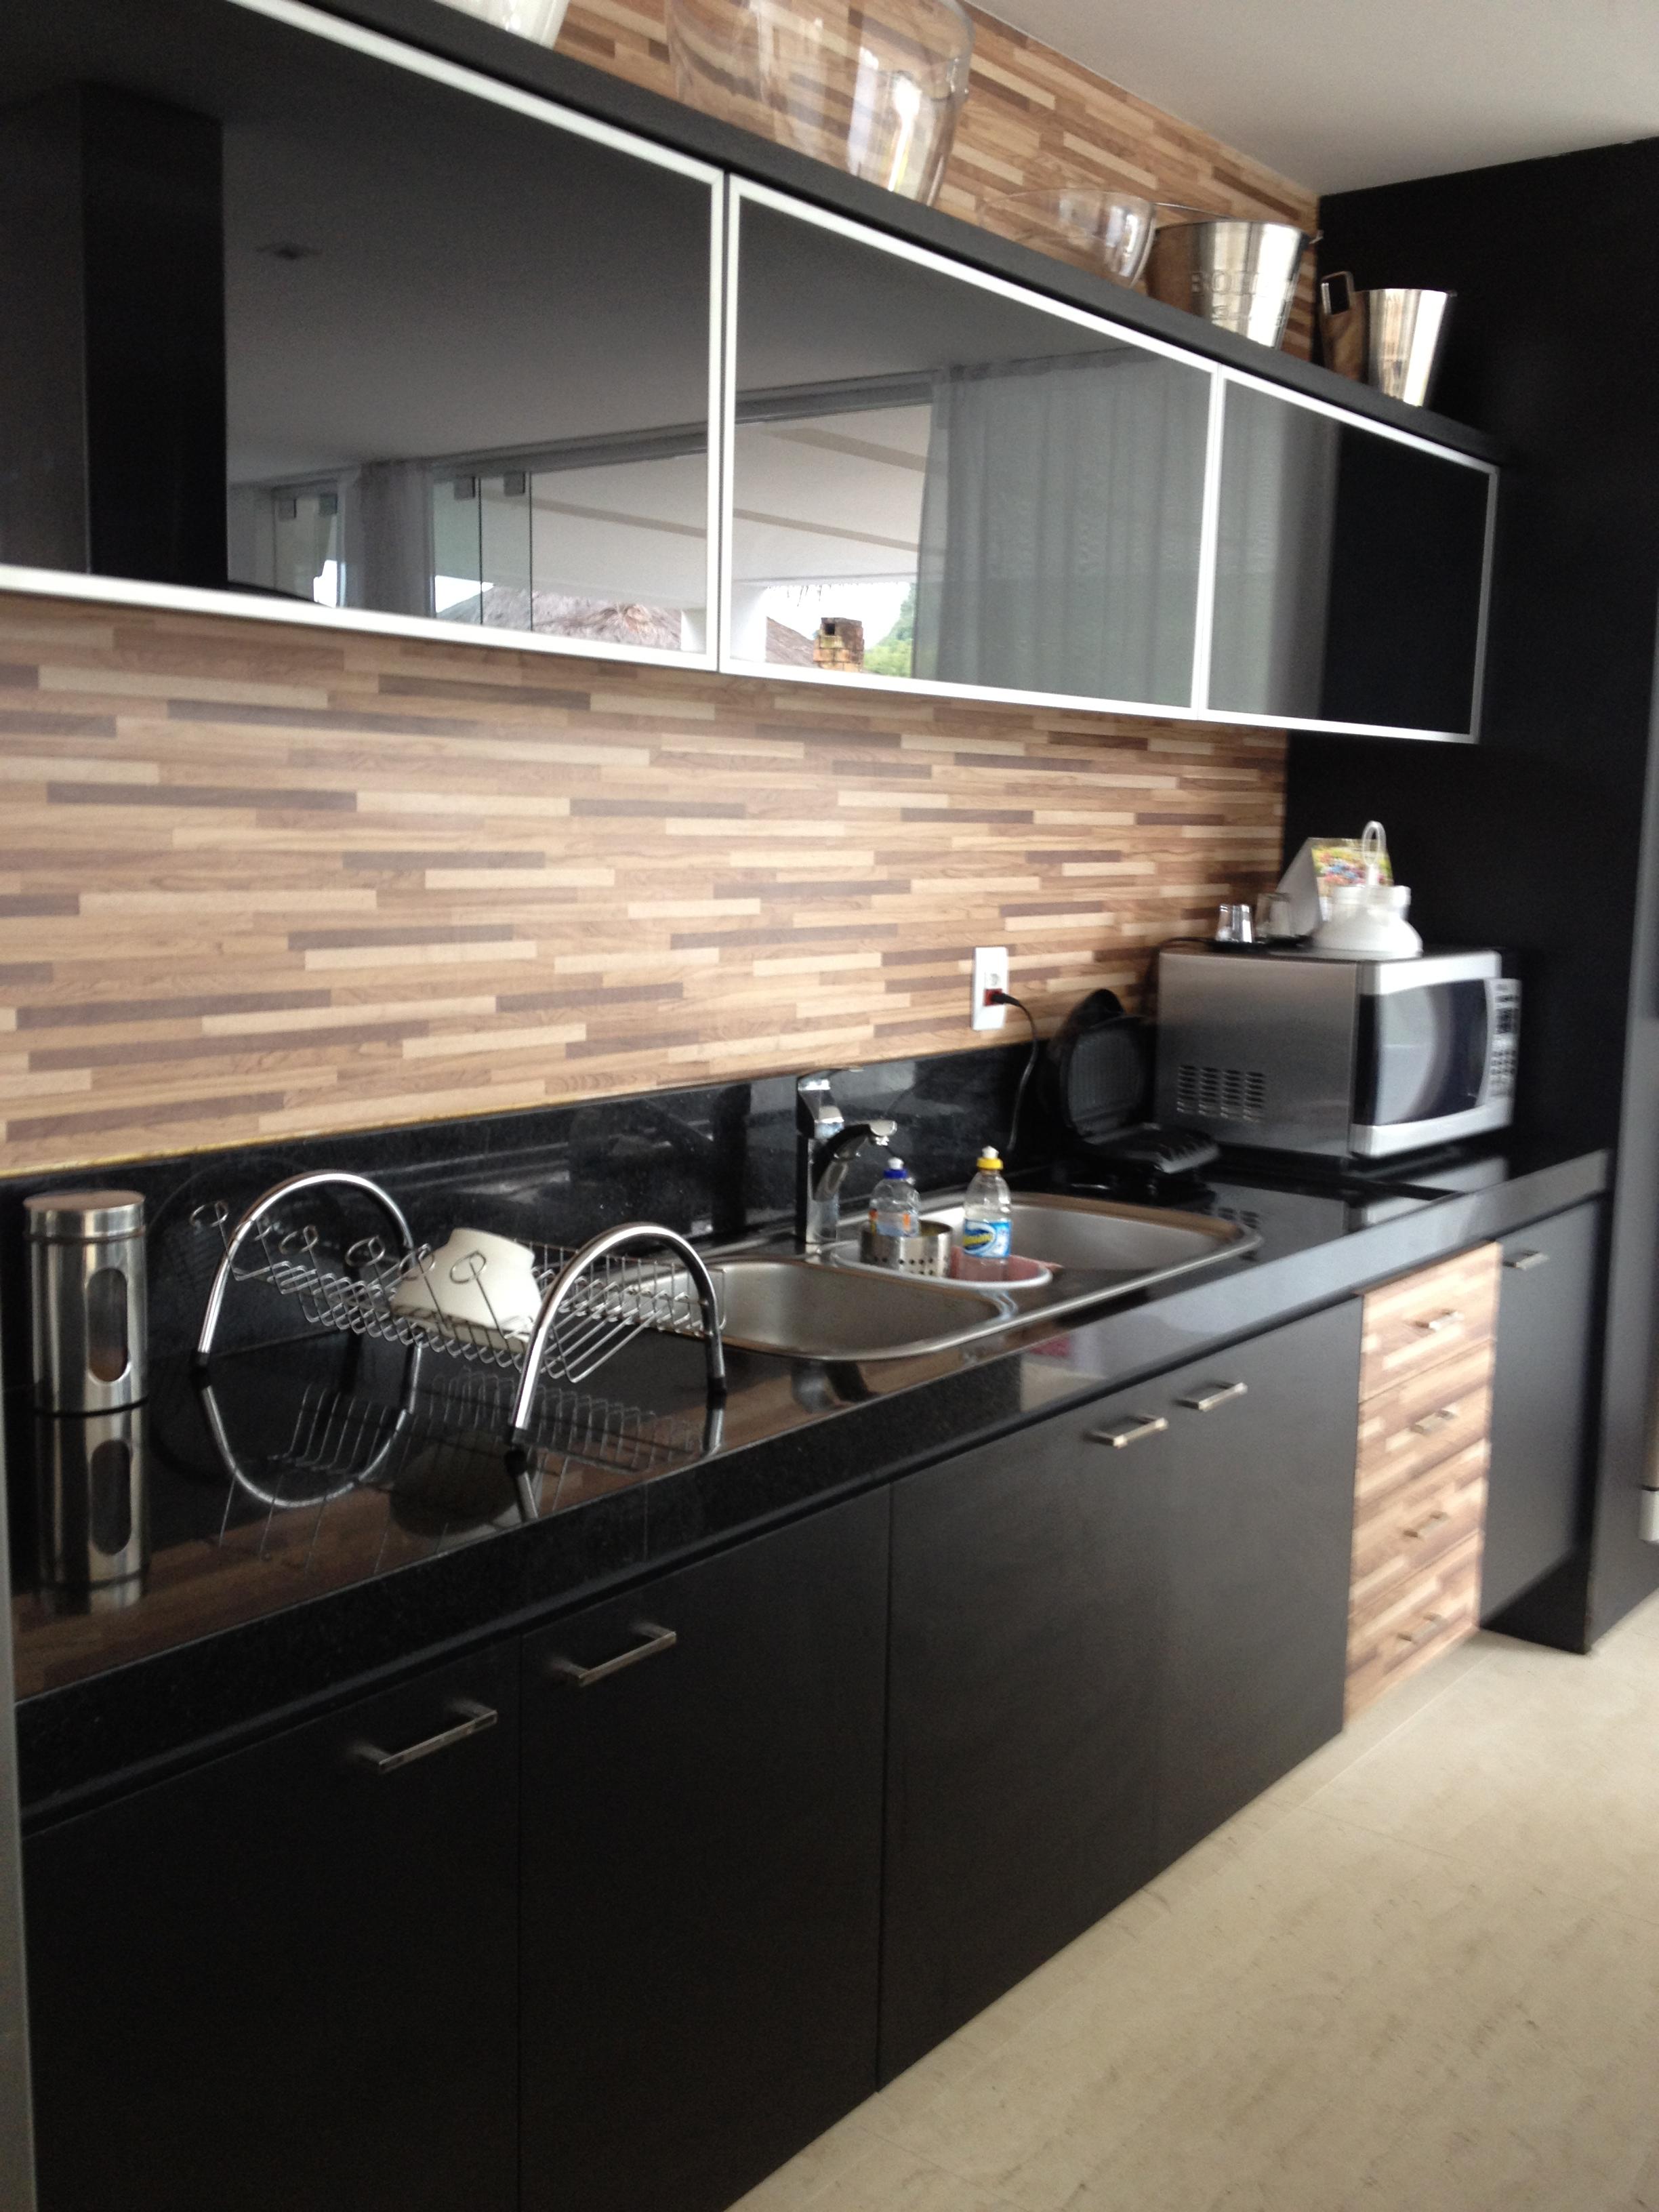 Cozinha com armarios em preto e revestimento em madeira ripada. #856646 2448x3264 Bancada Banheiro Leroy Merlin